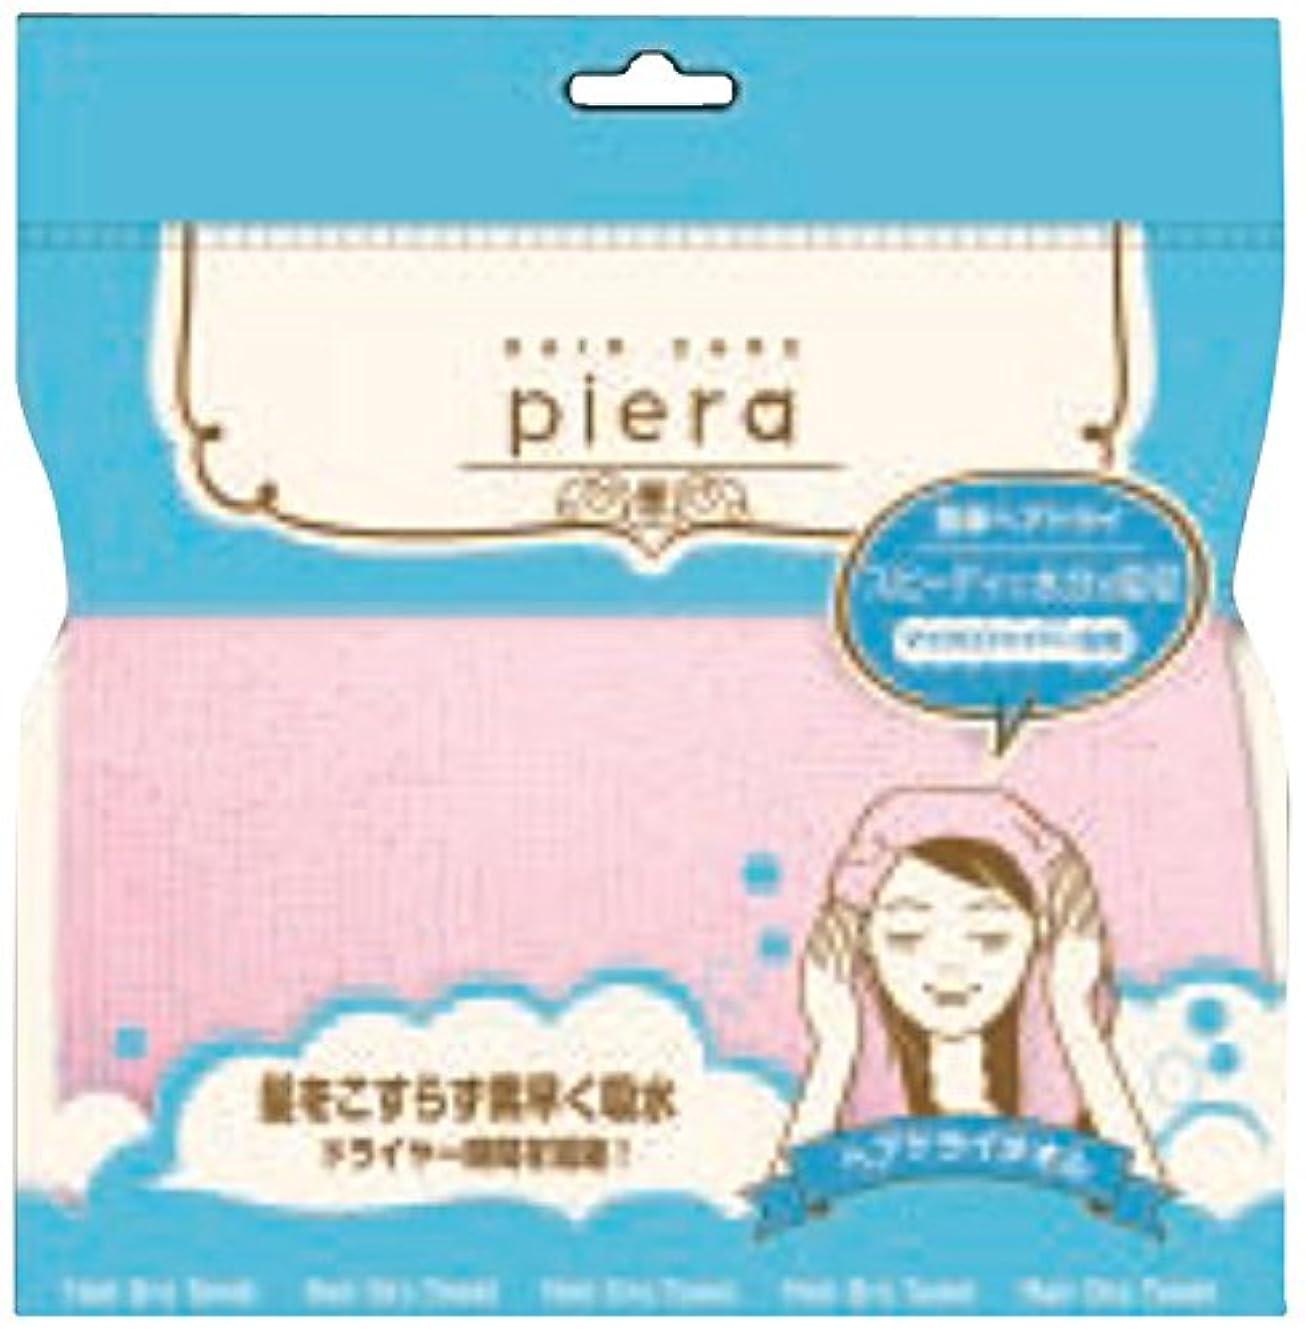 フレット費やす逸話piera(ピエラ) ヘアドライタオル (PIE701E)